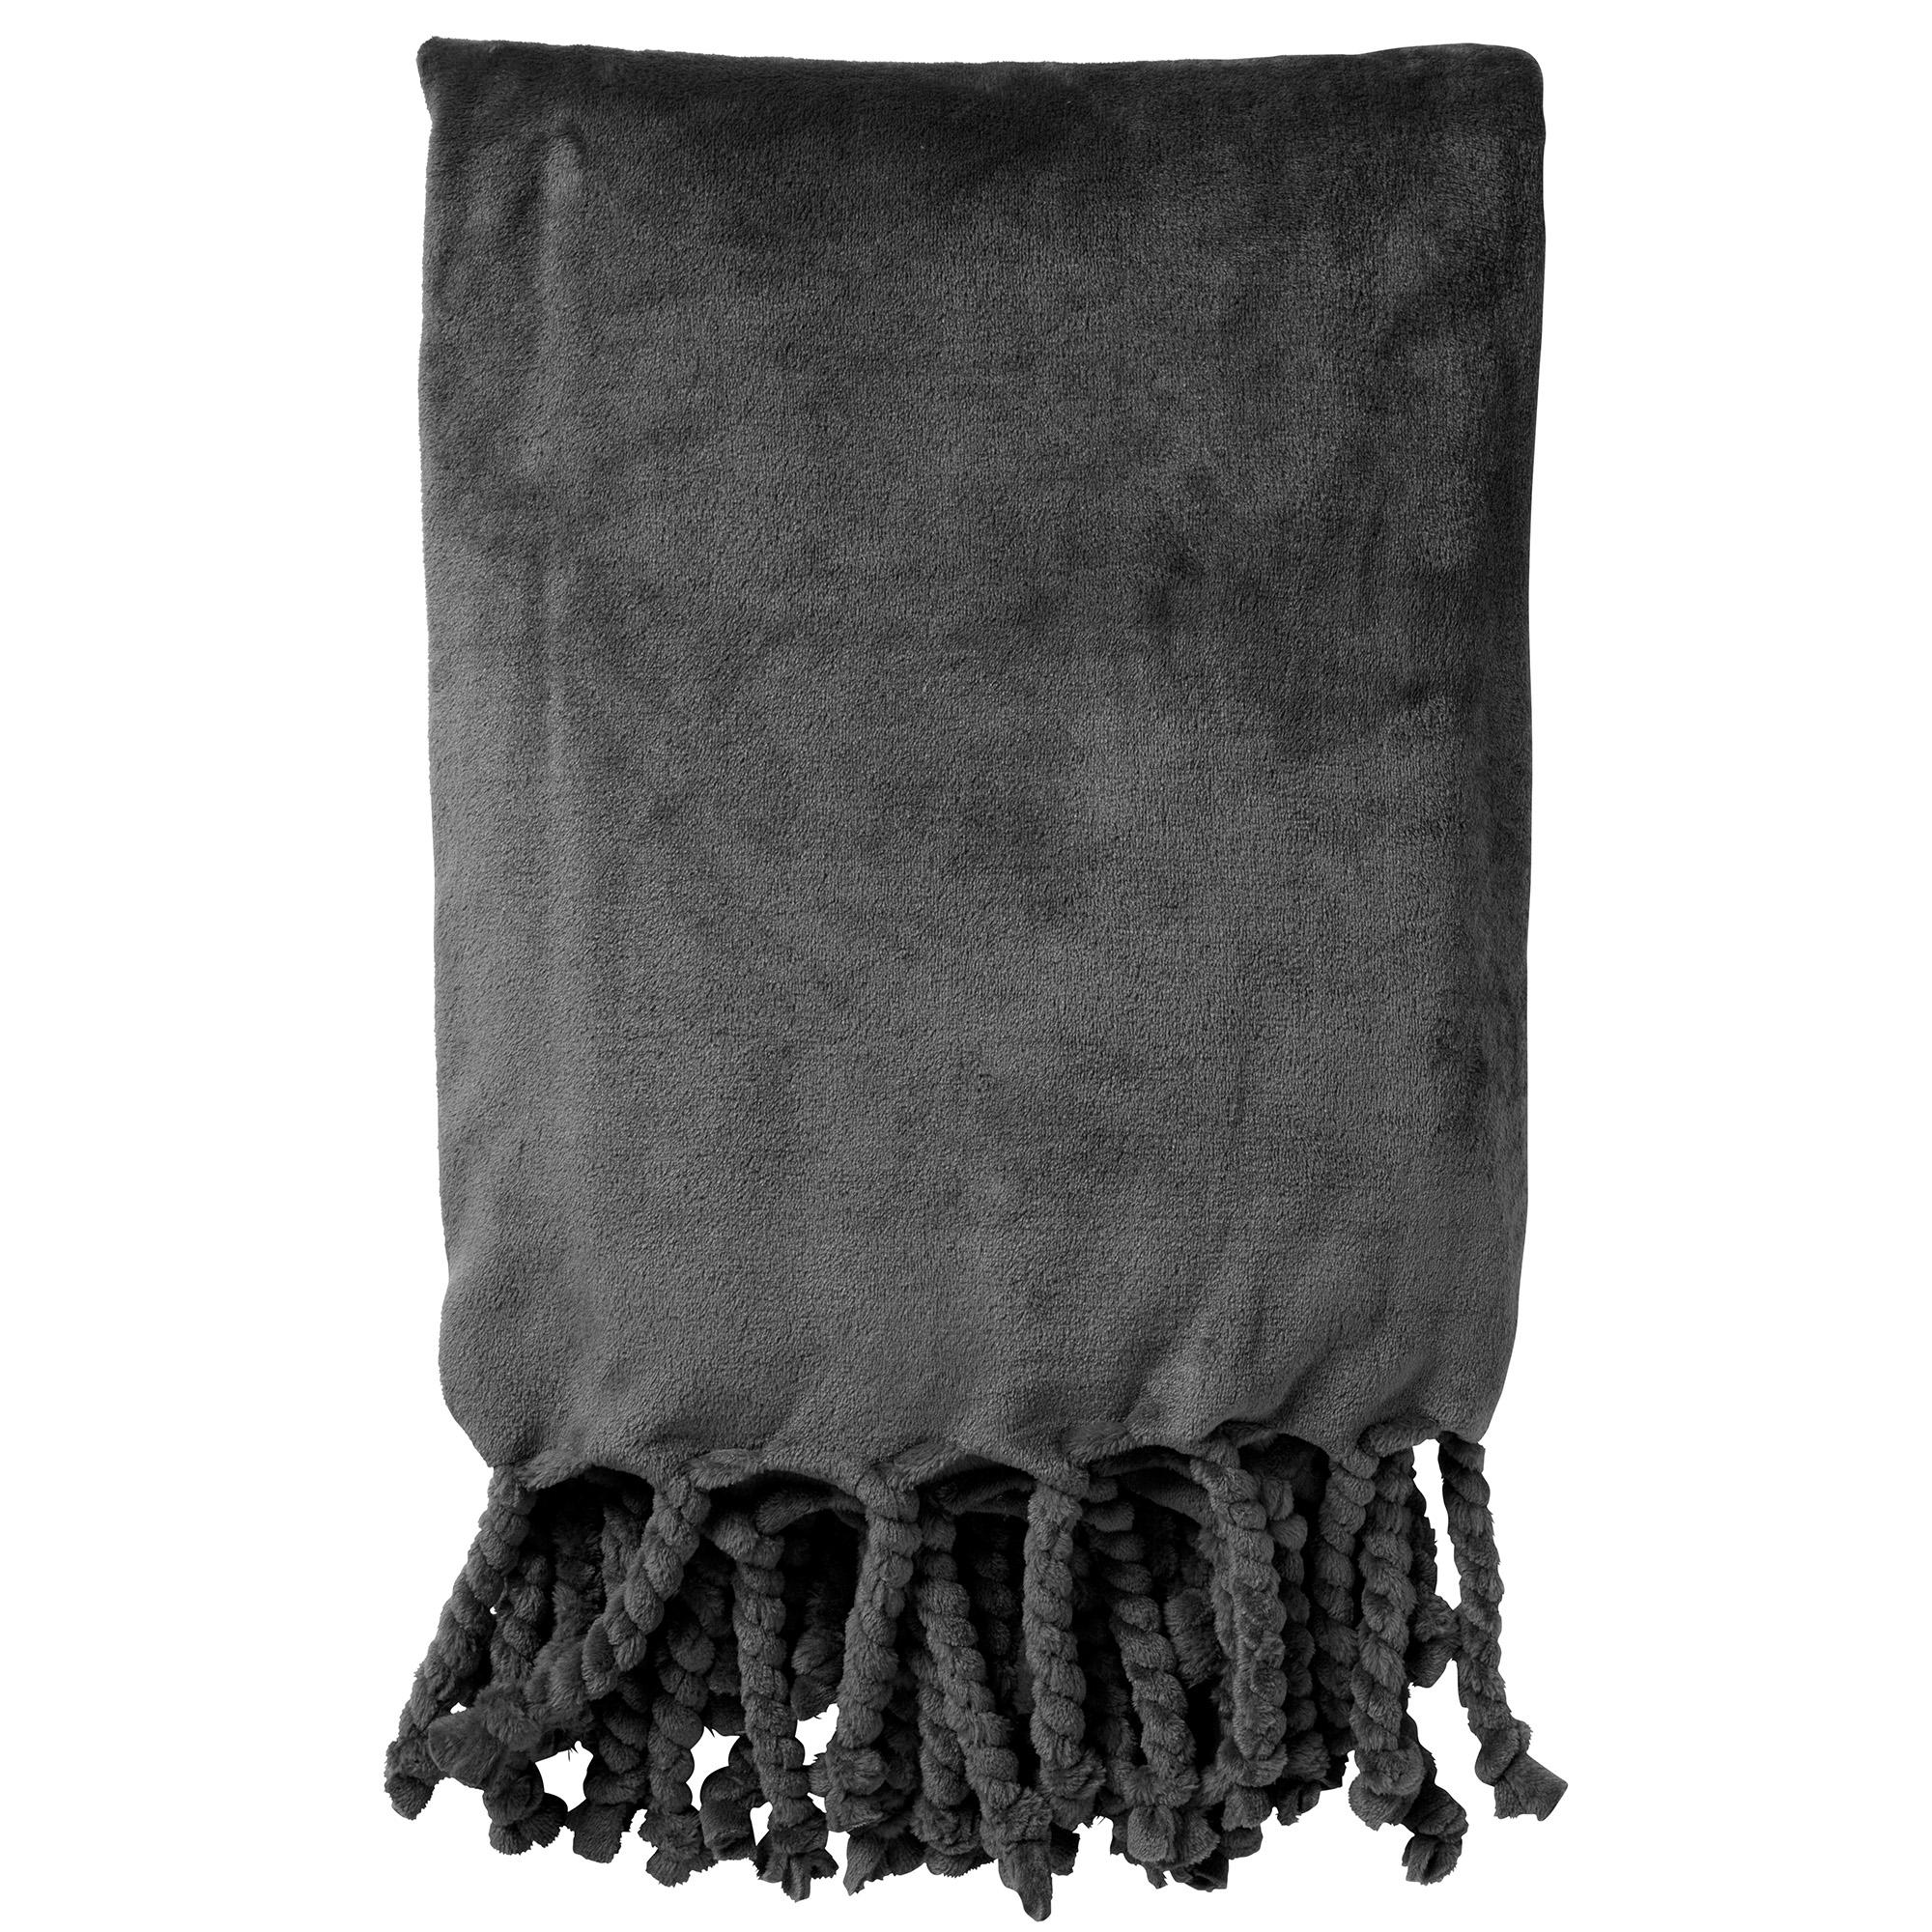 FLORIJN - Plaid Charcoal Grey 150x200 cm